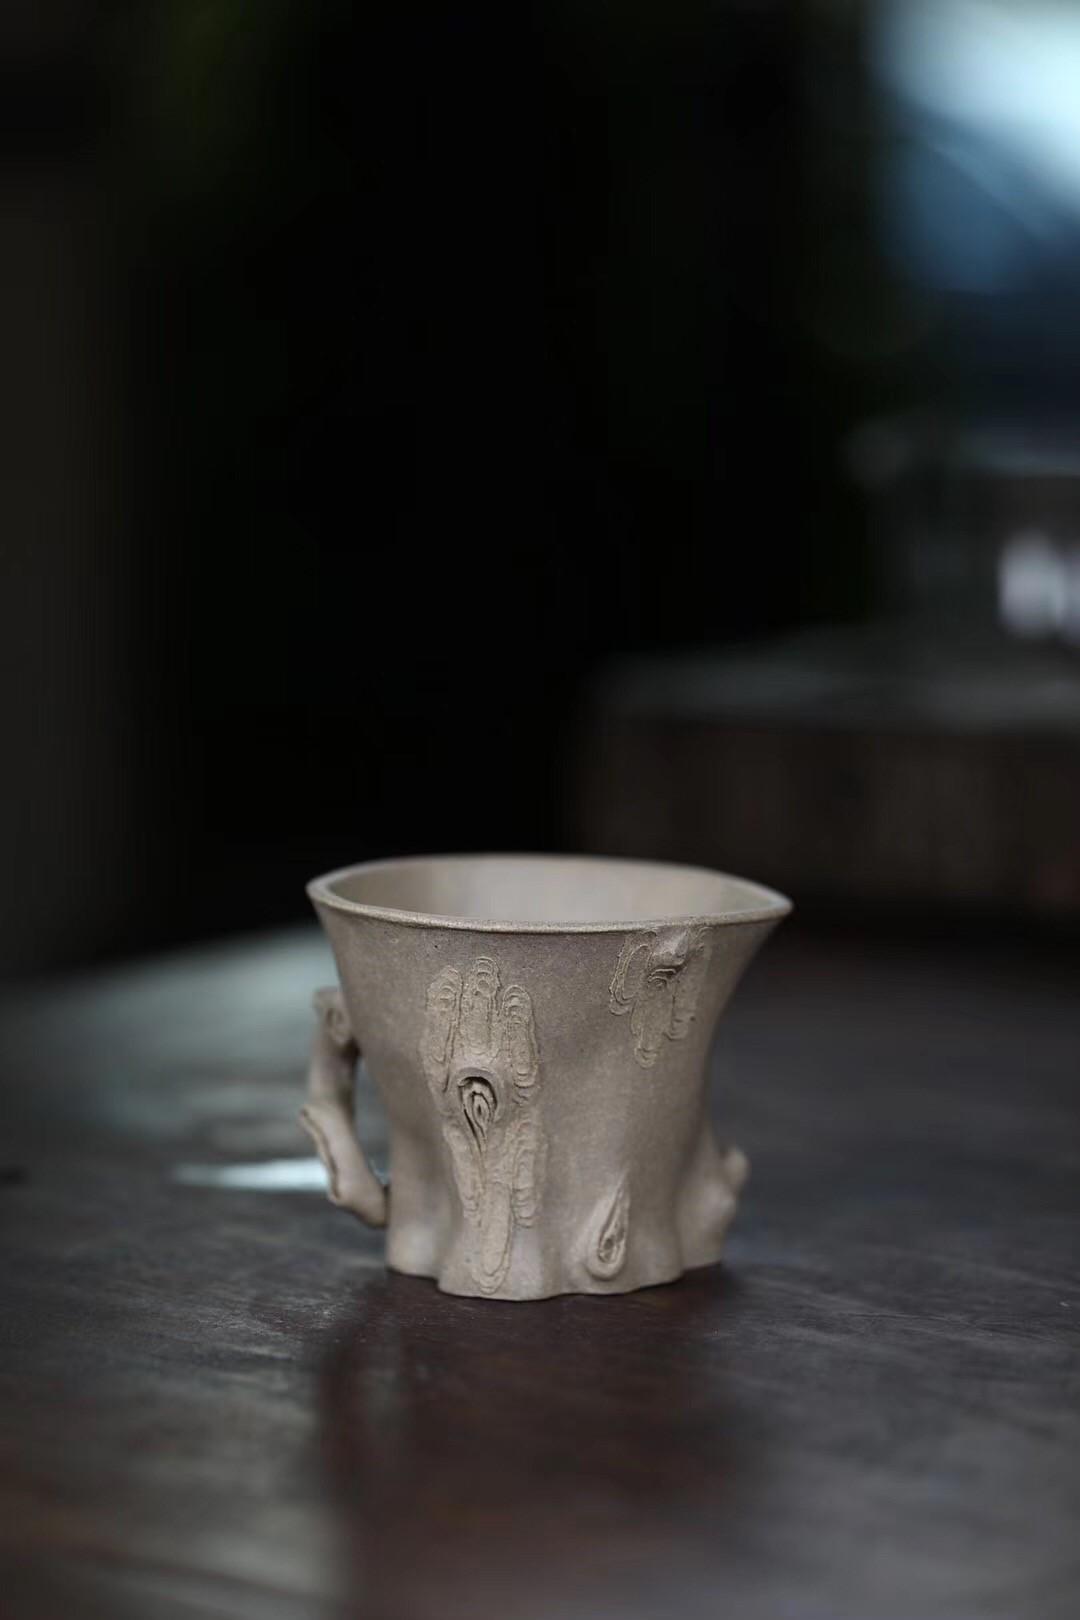 周飞作品 全手工松桩杯 刻长寿/问松